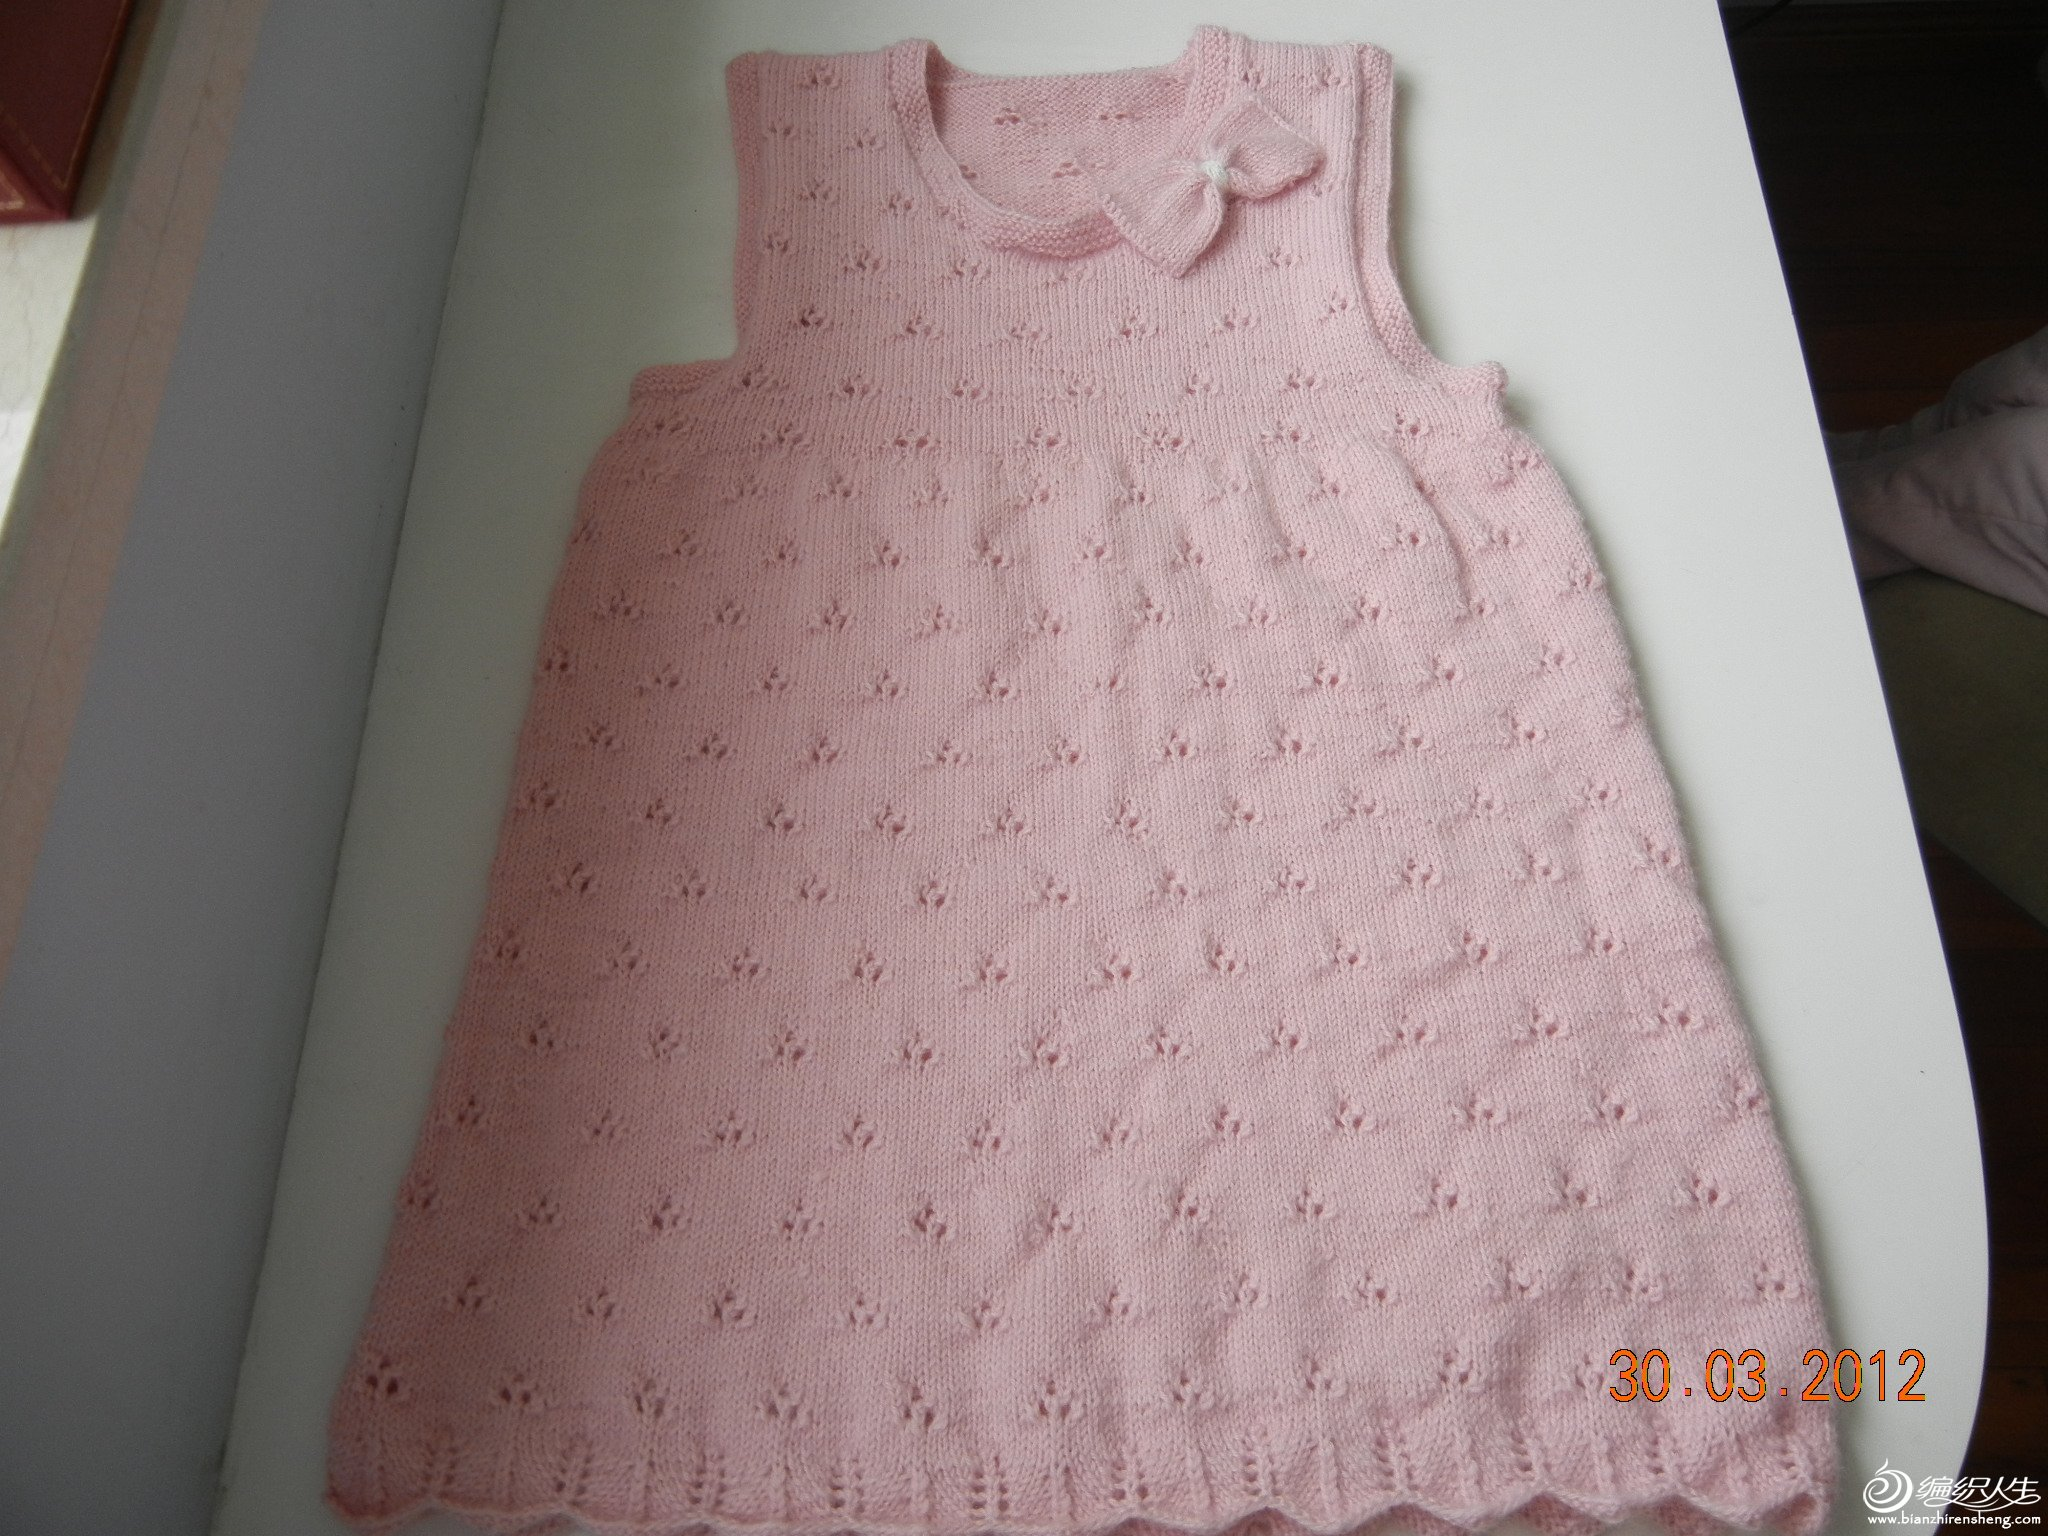 第二件裙子